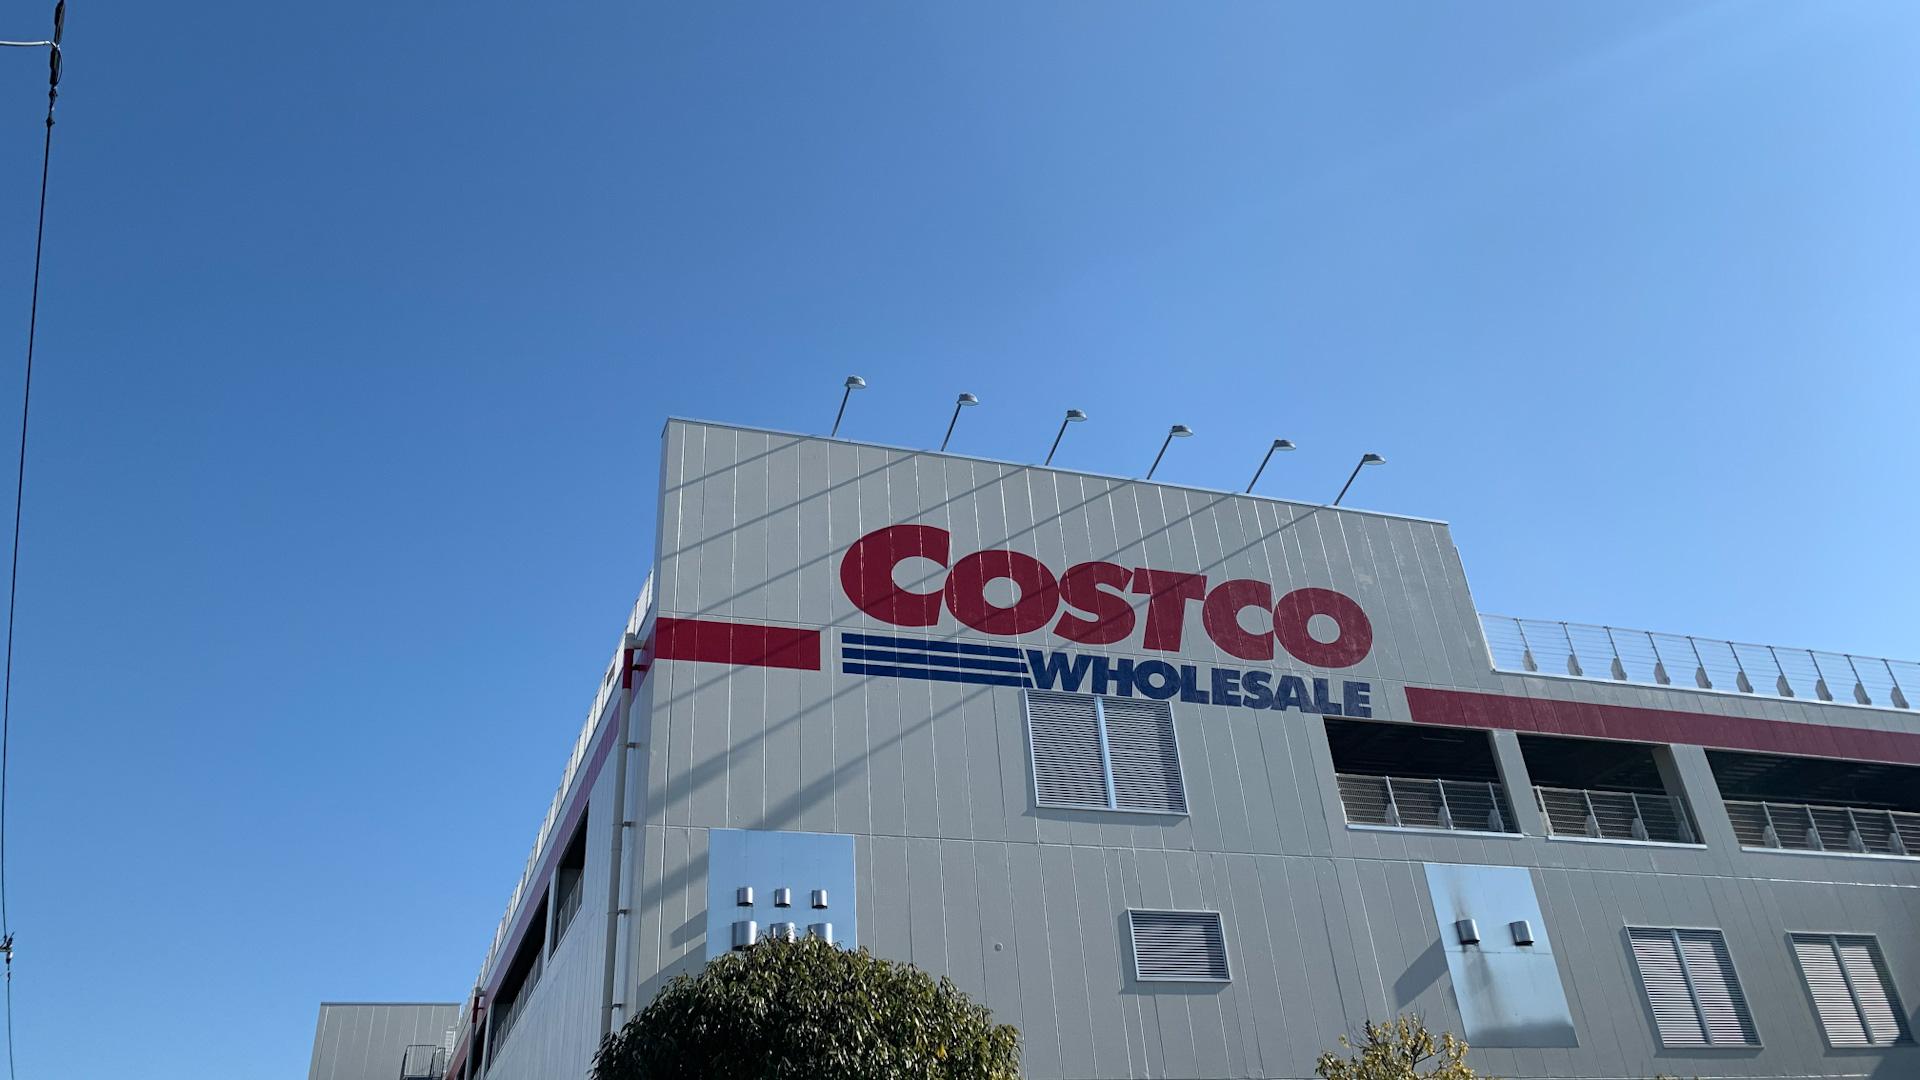 コストコの即買い【缶詰】おすすめランキングTOP17!見つけたら買わなきゃ損